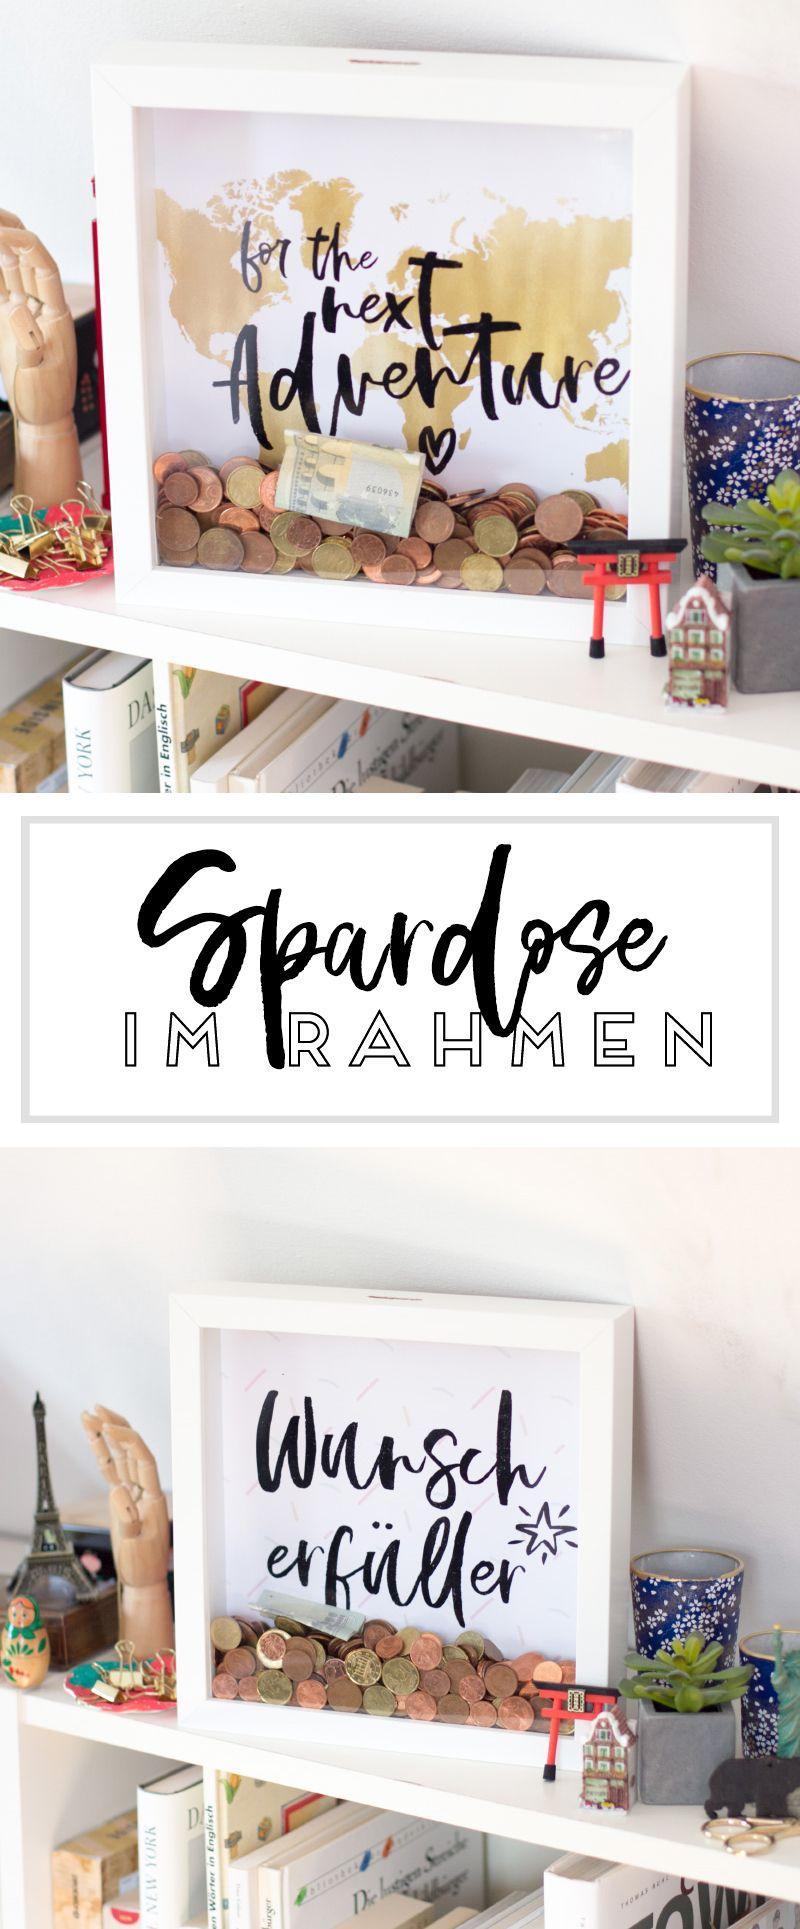 bilderrahmen spardose geschenkideen pinterest spardose bilderrahmen und geschenkideen. Black Bedroom Furniture Sets. Home Design Ideas